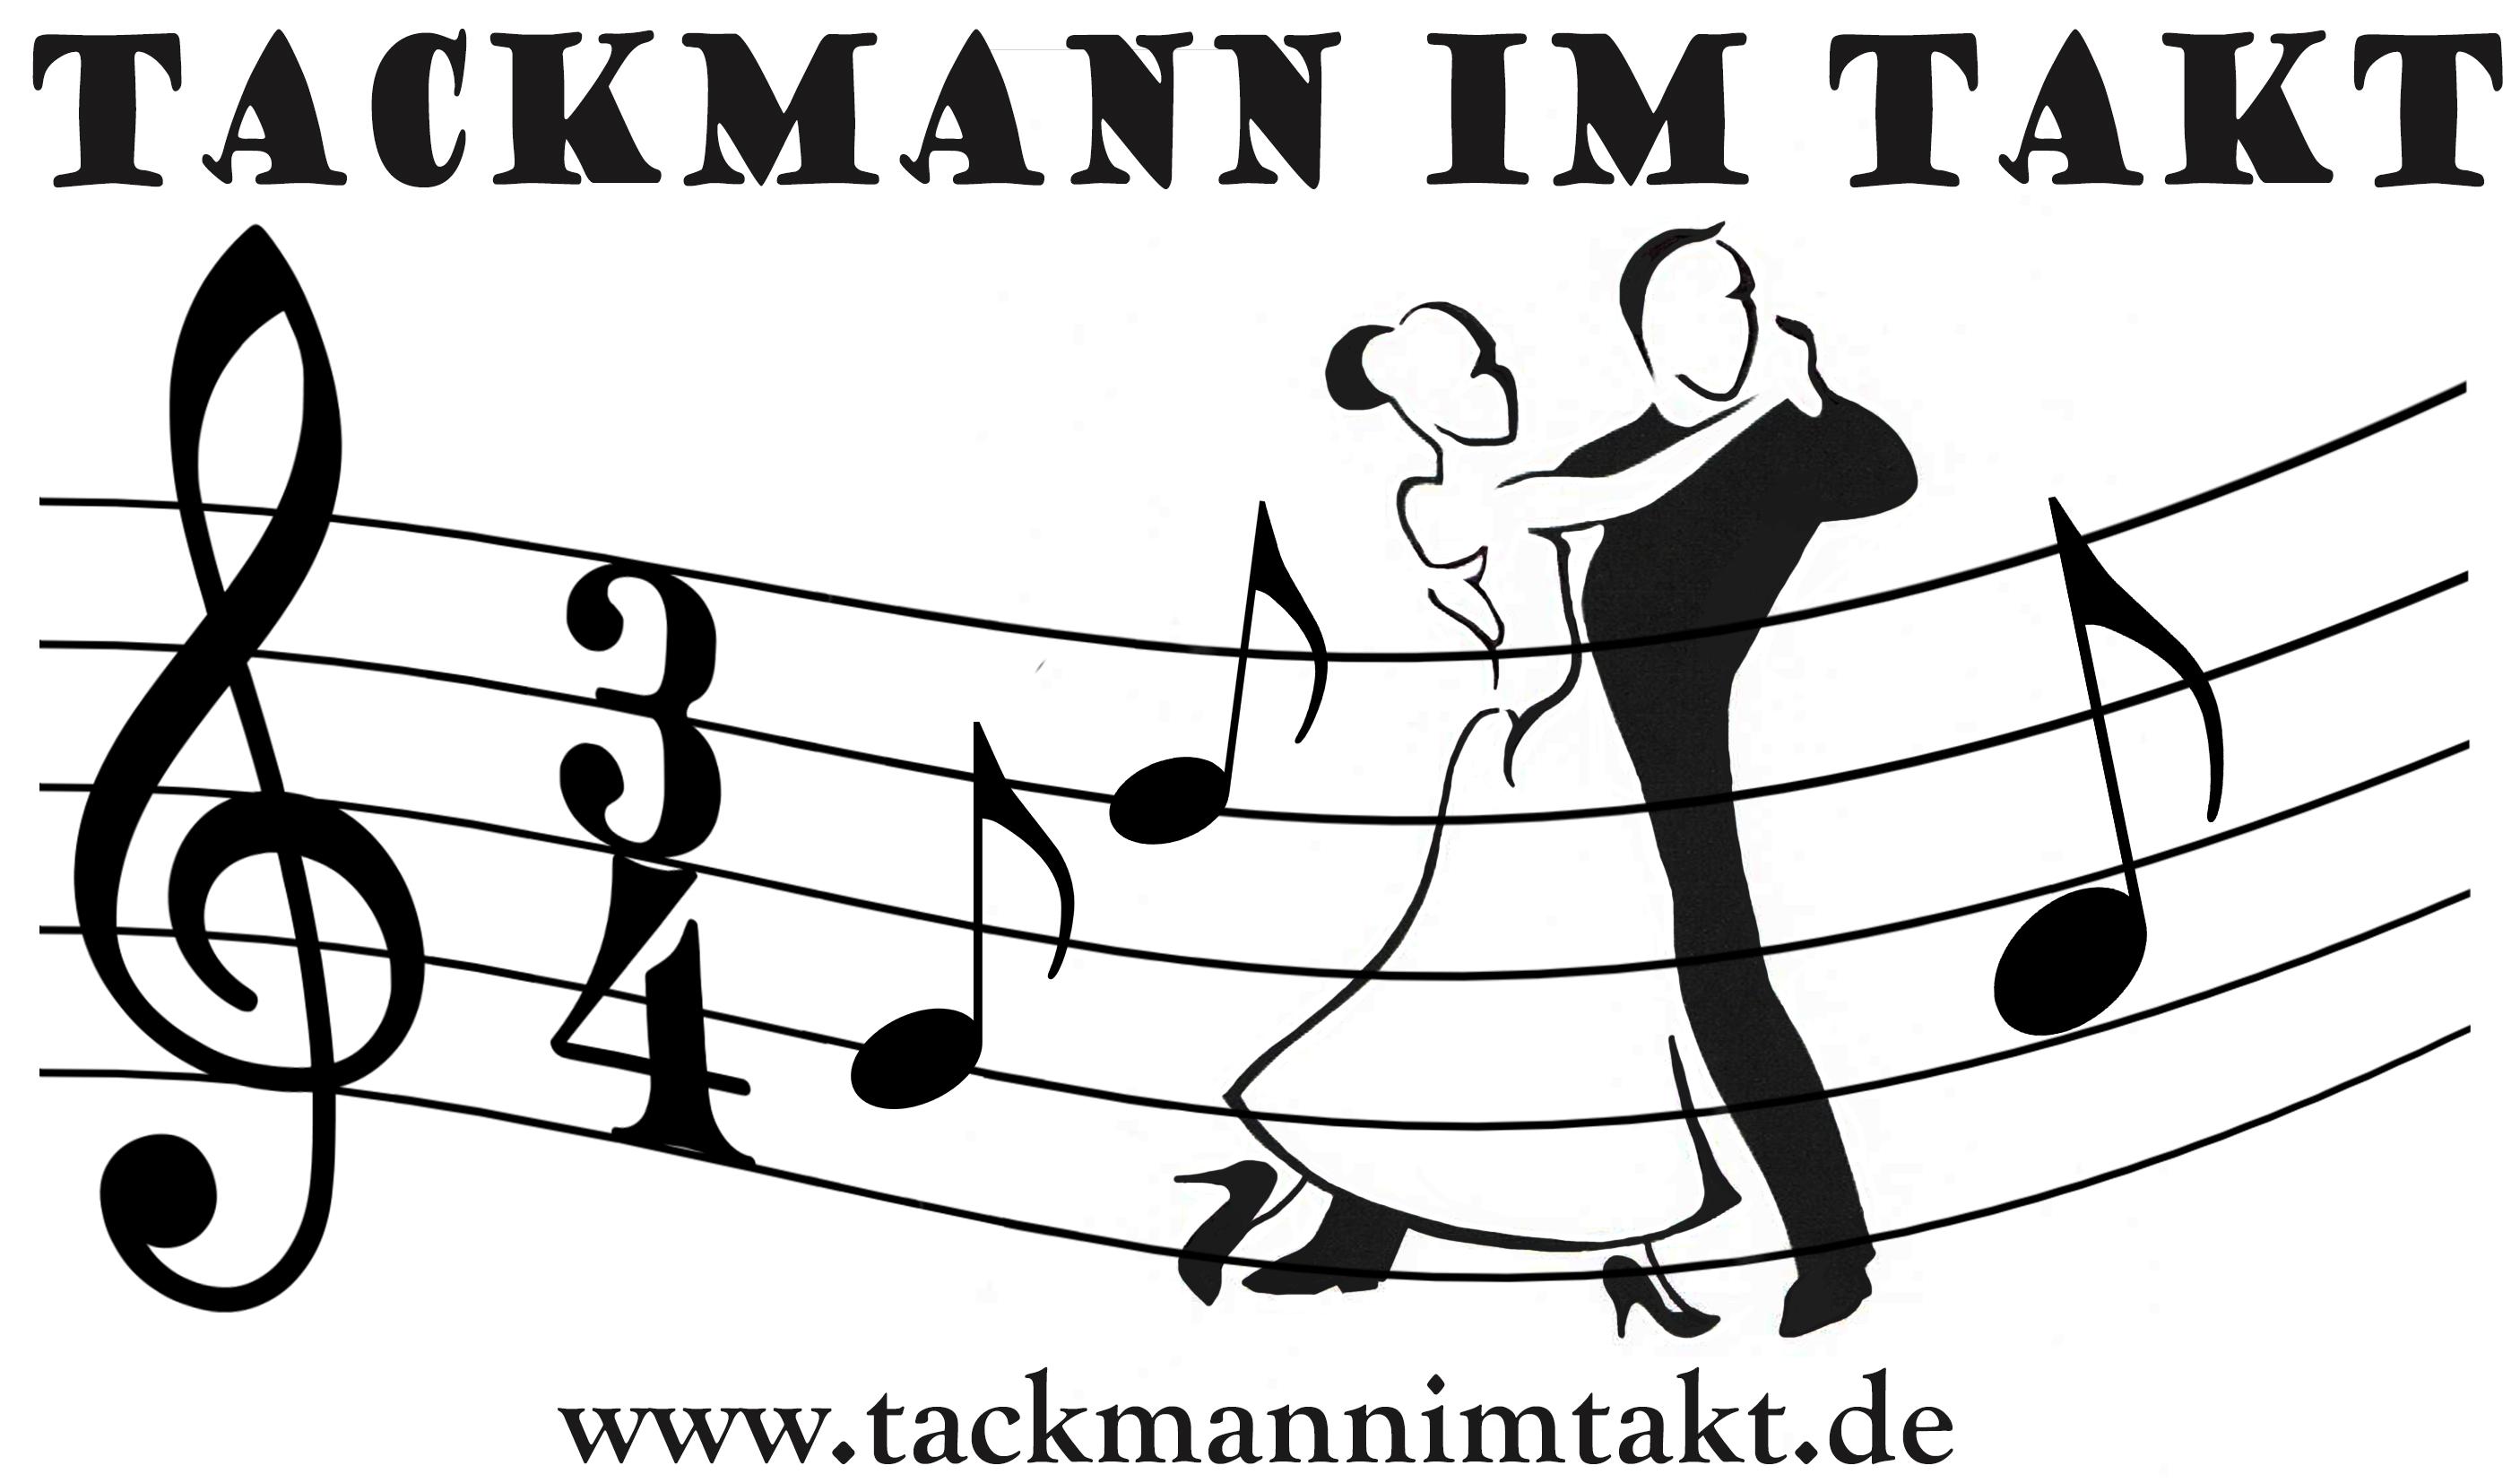 offene Tanzstunden im Parkhotel Am Glienberg mit Tanzlehrerin Britta Tackmann